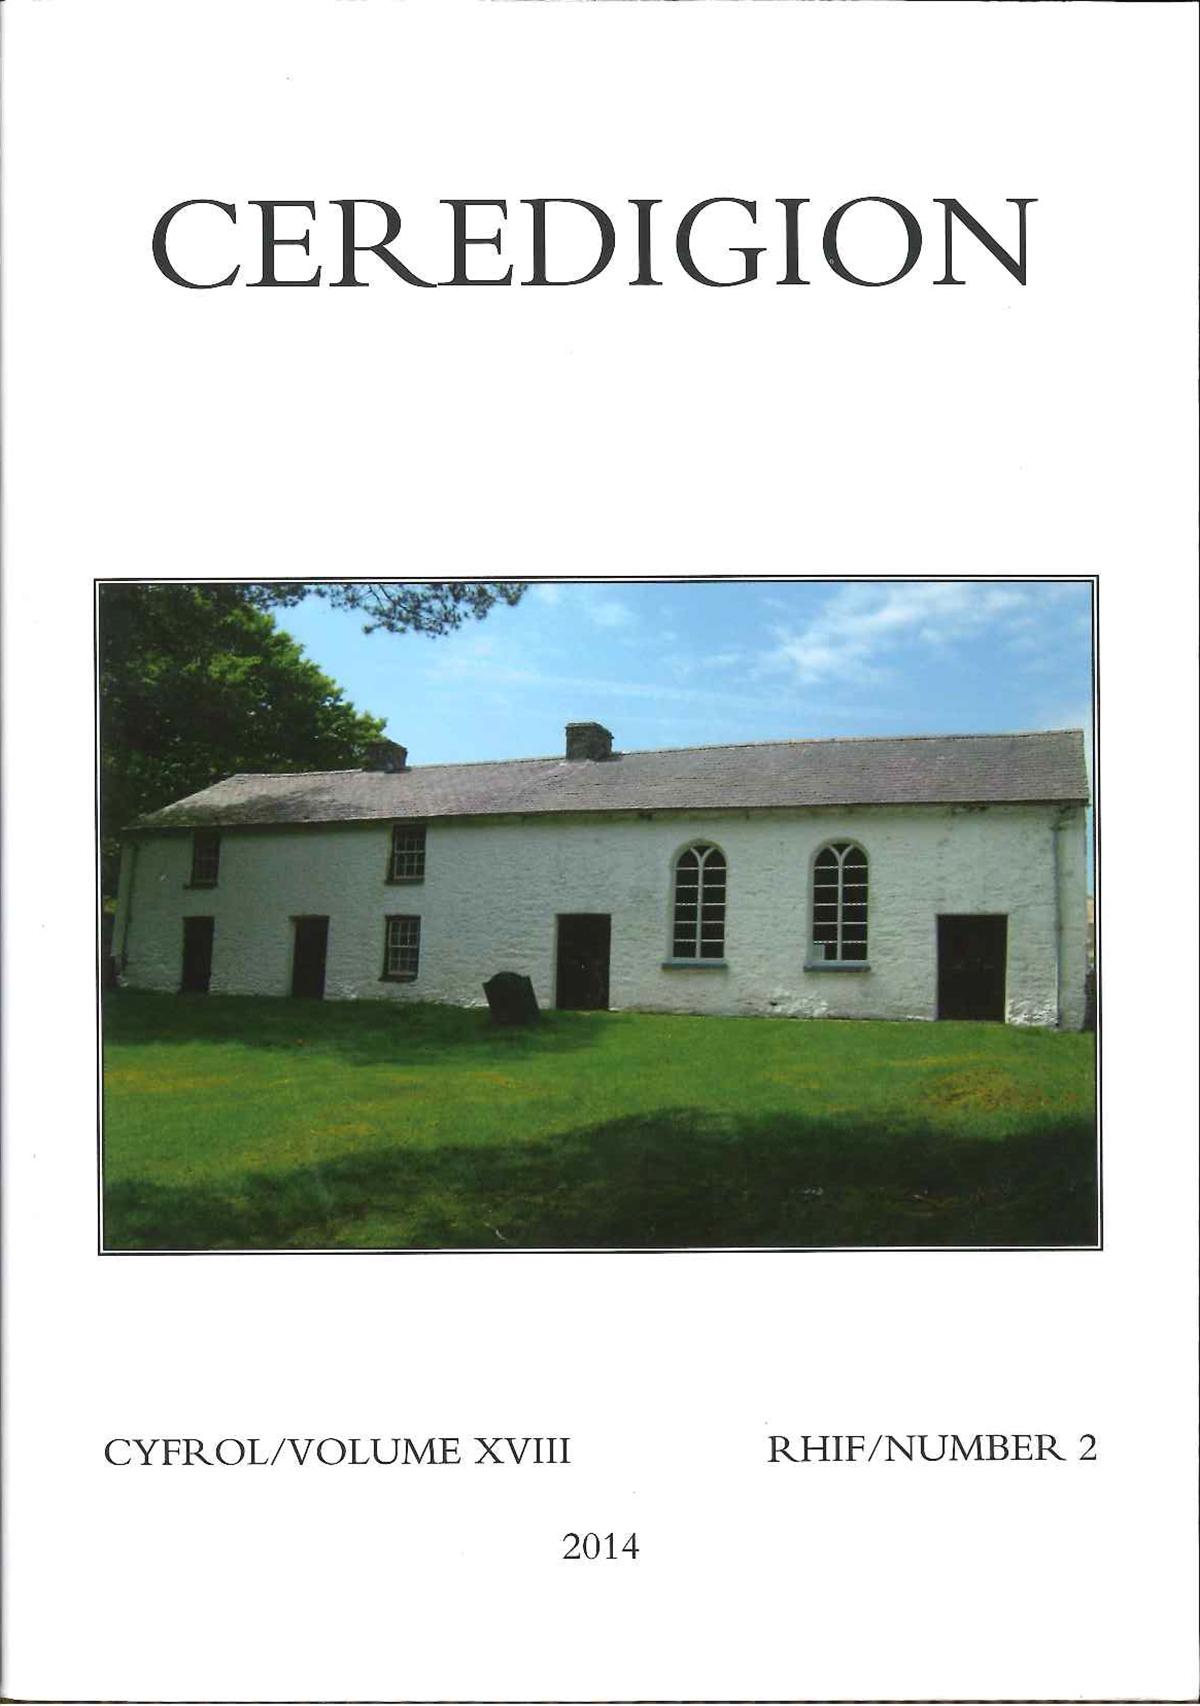 Ceredigion Journal of the Ceredigion Historical Society Vol XVIII, No 2 2014 - ISBN 0069 2263